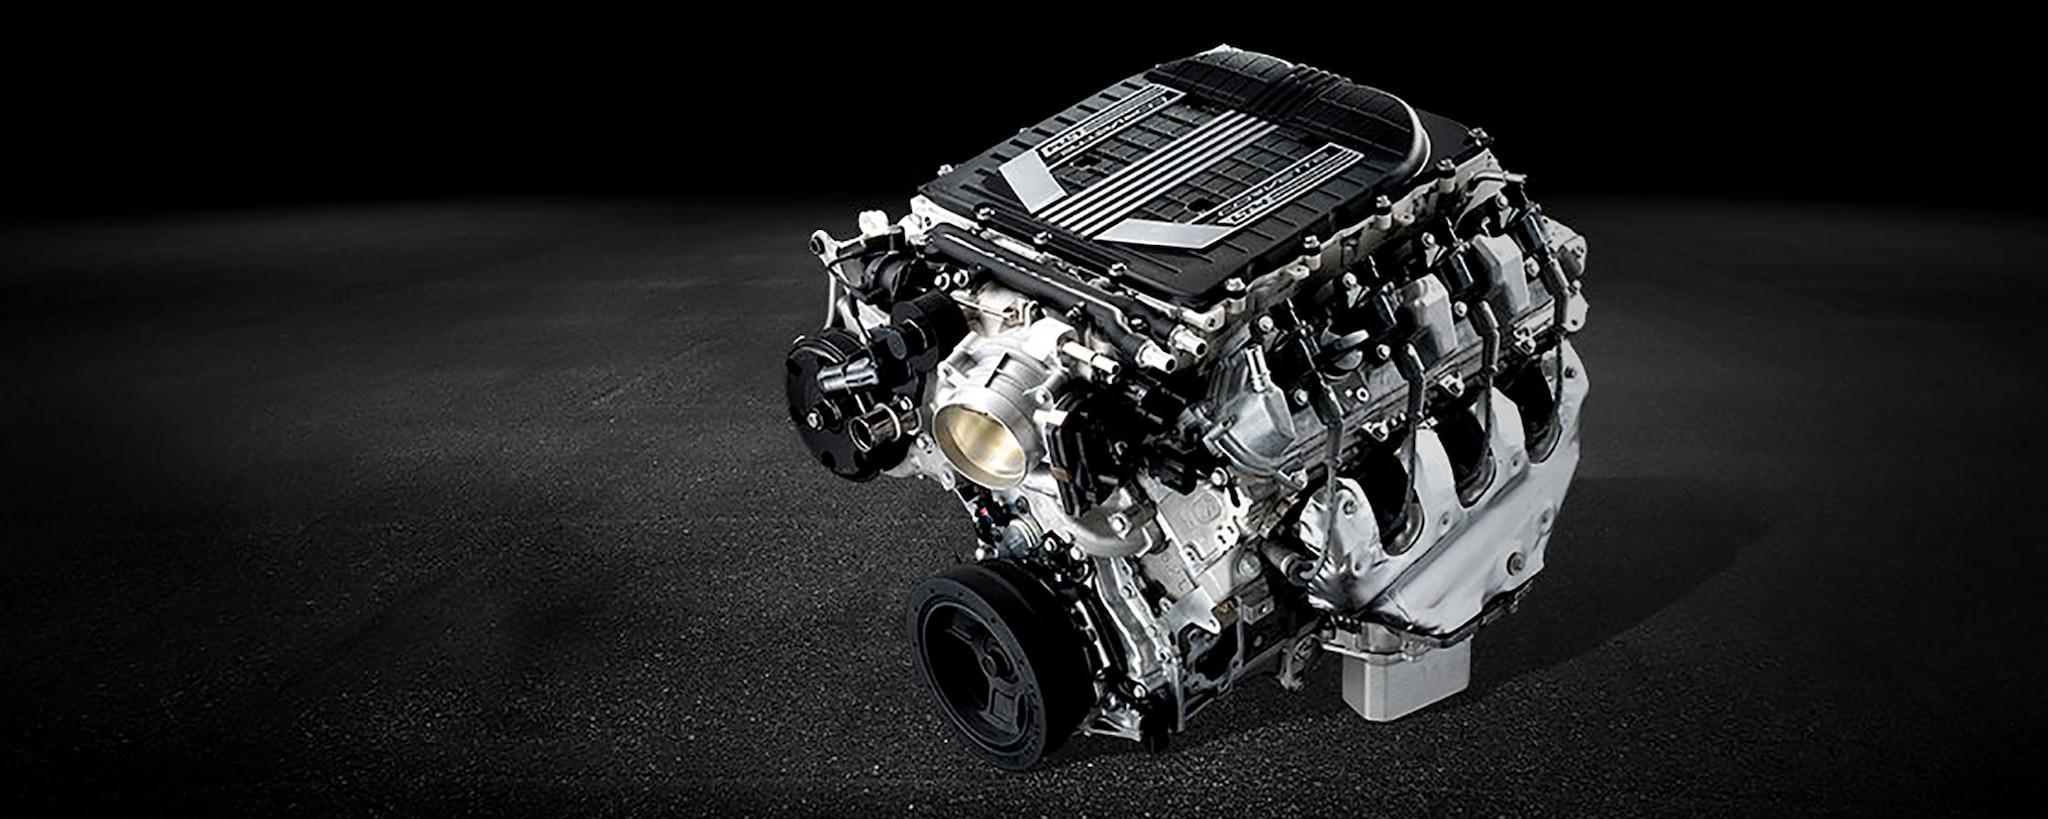 Motor armado de bloque pequeo lt4 62 l con crter hmedo cp 2016 engines detail lt4 masthead malvernweather Images